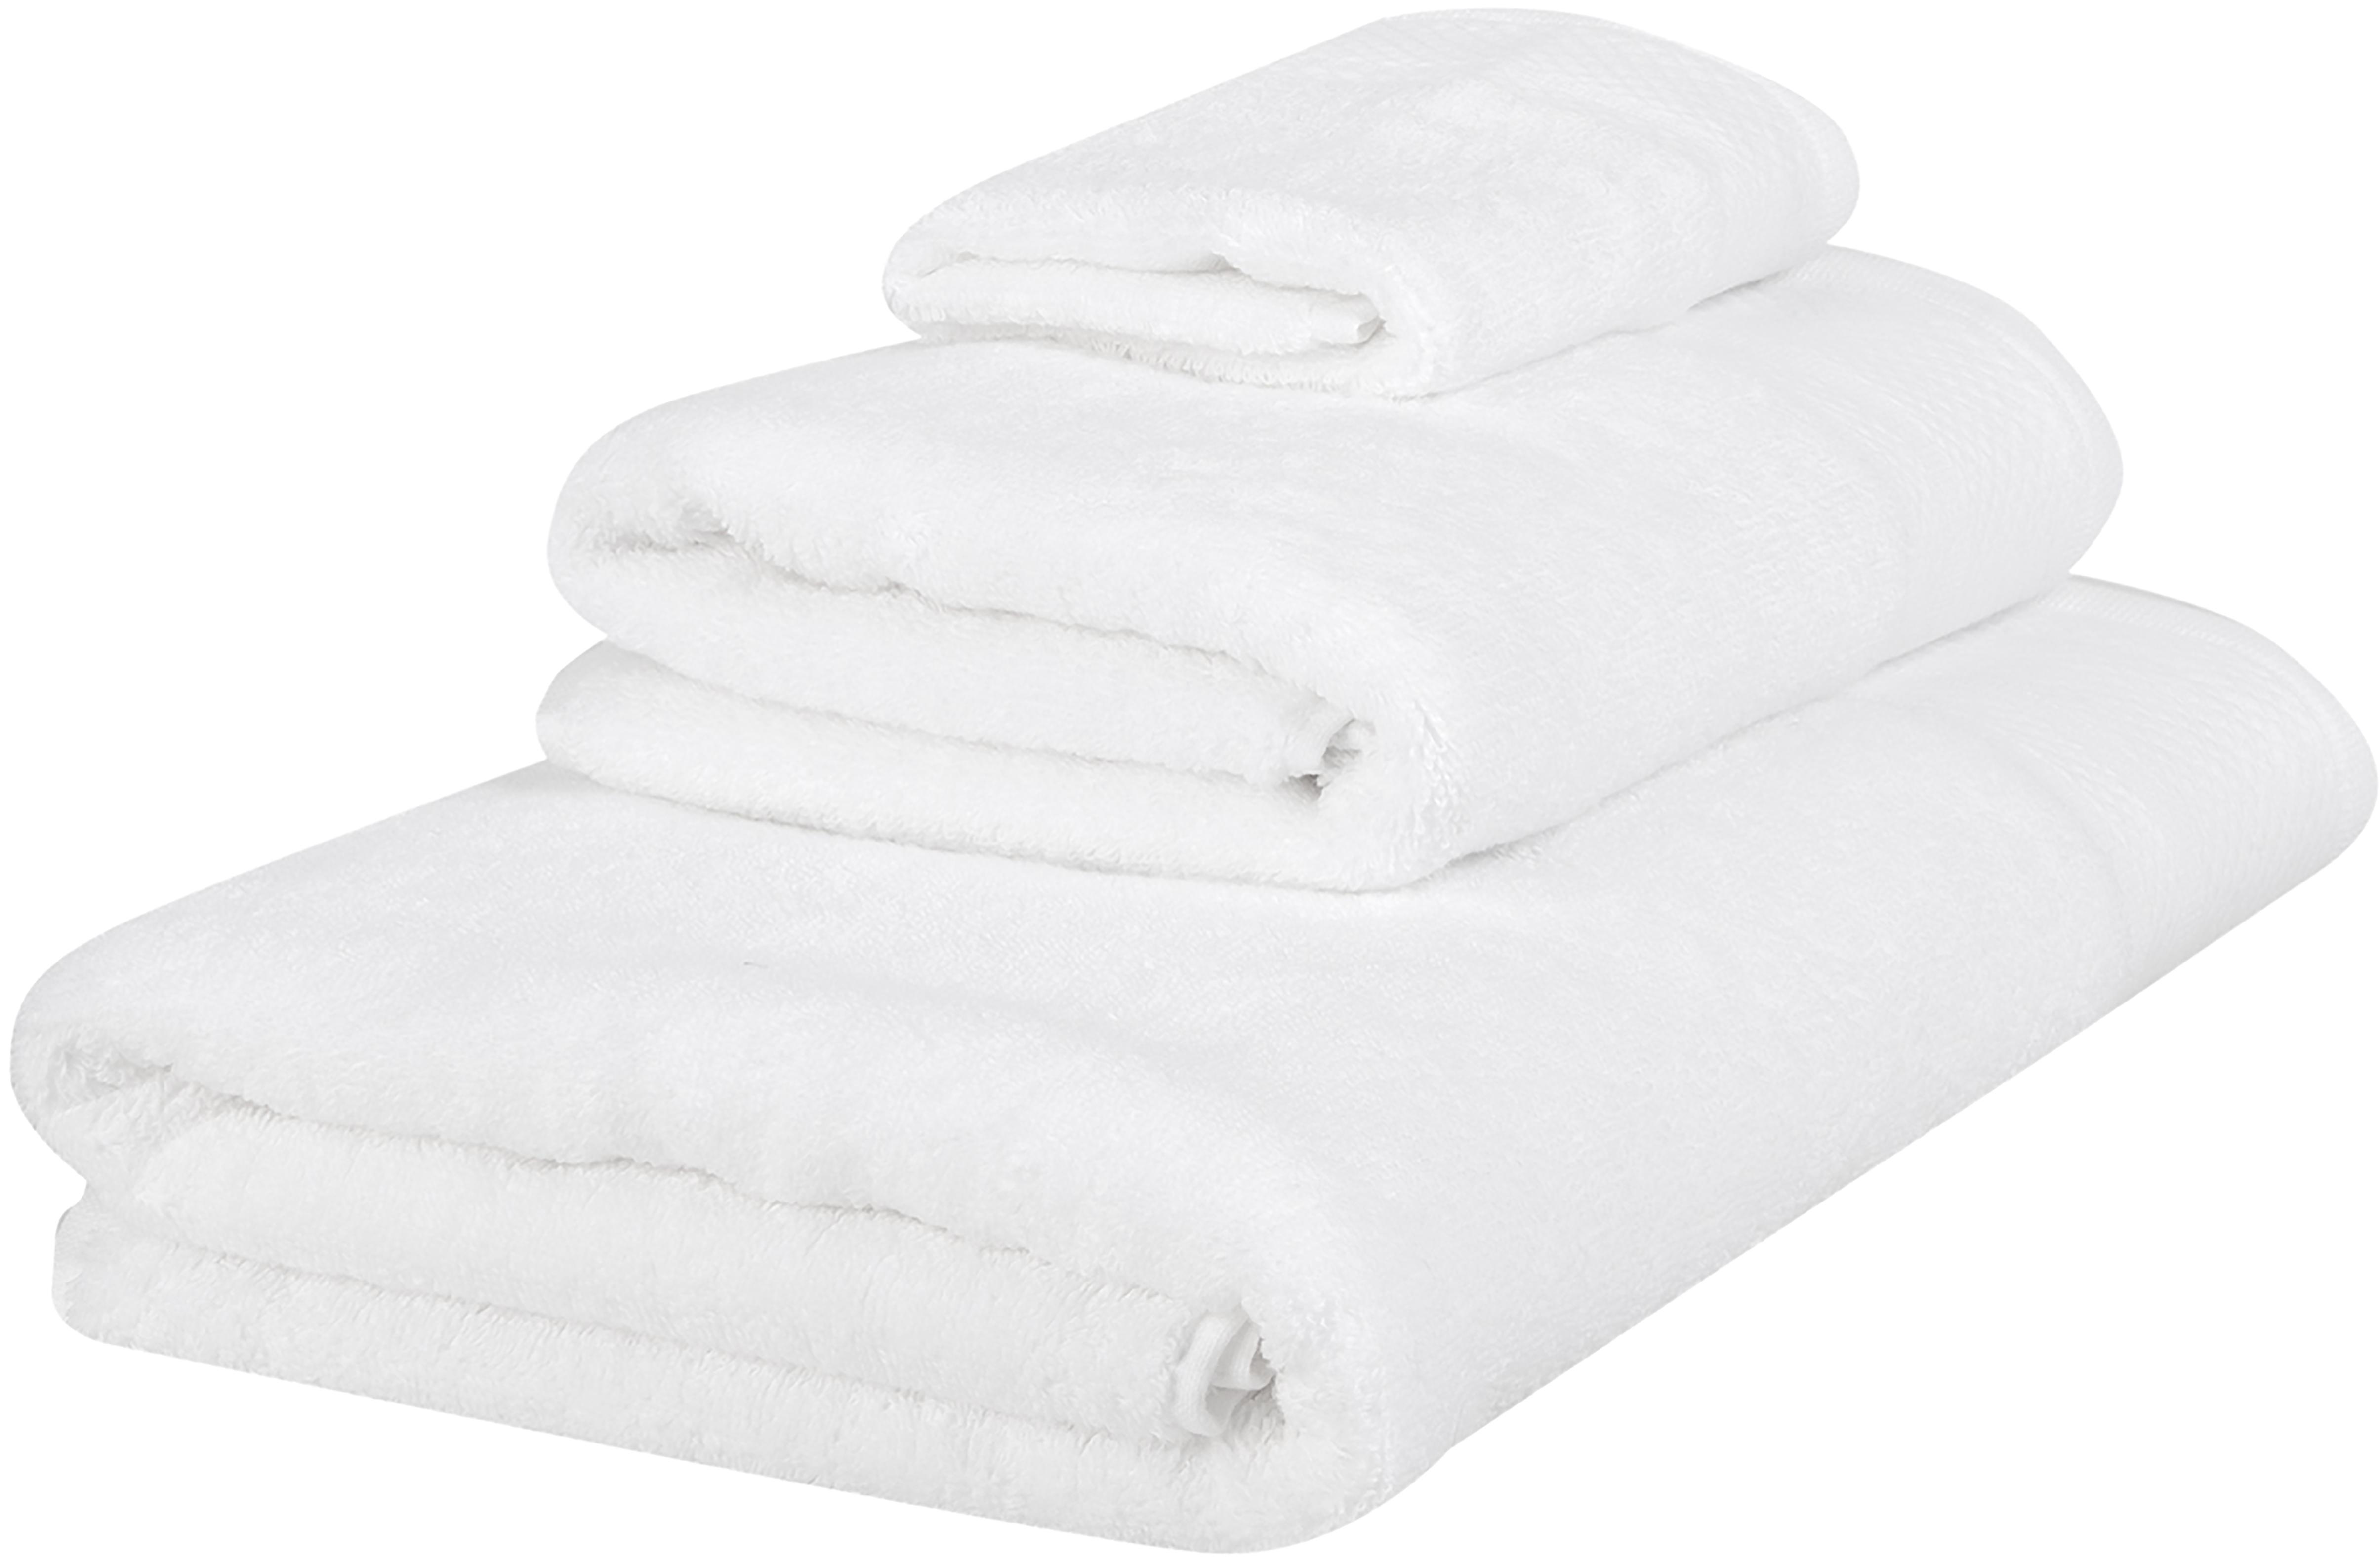 Handtuch-Set Premium mit klassischer Zierbordüre, 3-tlg., Weiß, Set mit verschiedenen Größen